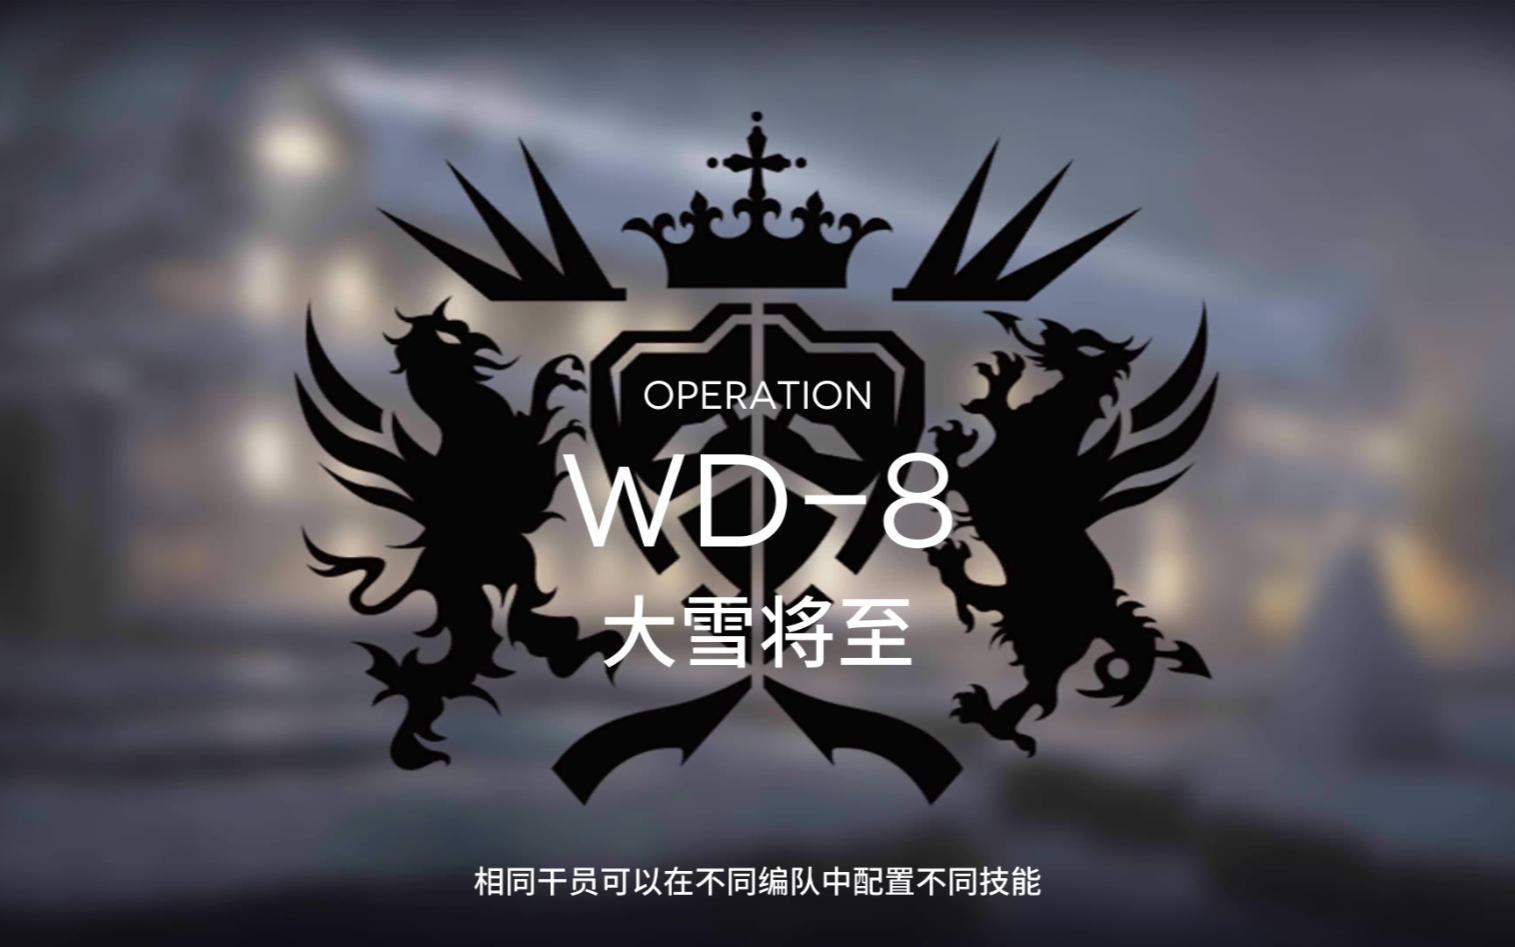 [明日方舟] 遗尘漫步 6人WD-8,含镀层